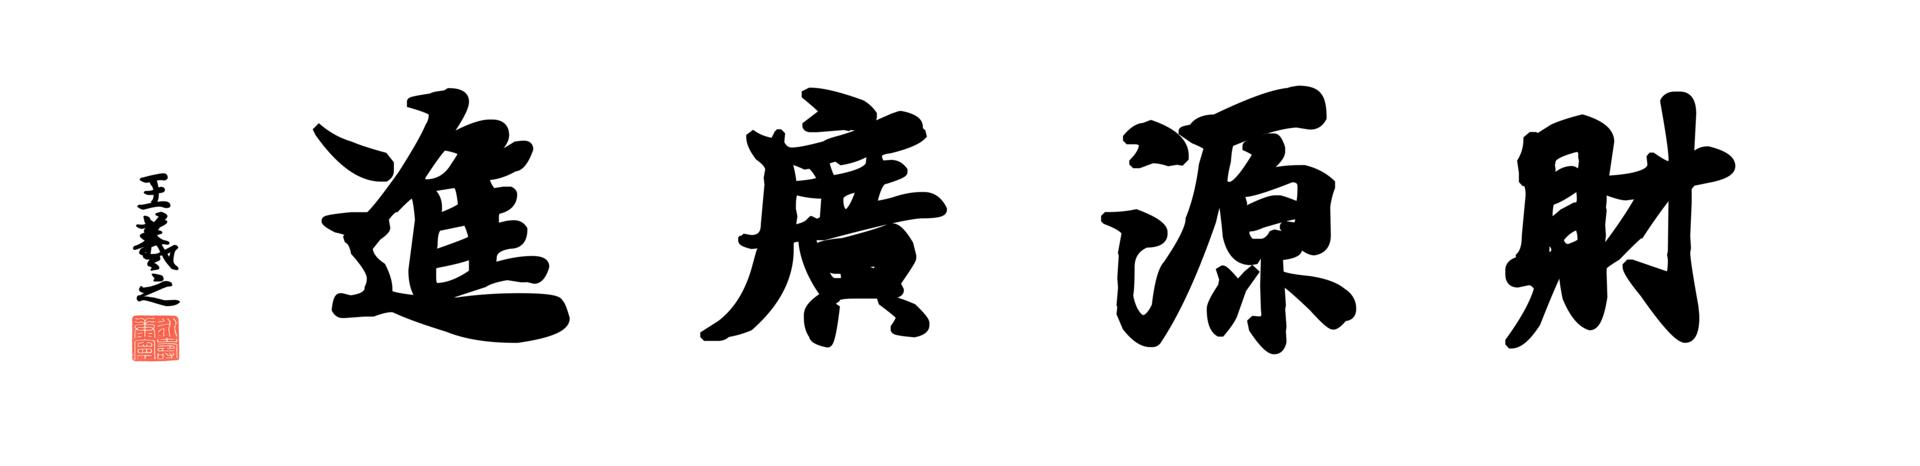 0009_王羲之兰亭体数字书法-四字横幅财源广进136x33cm_21417x5197PX_TIF_400DPI_326_0